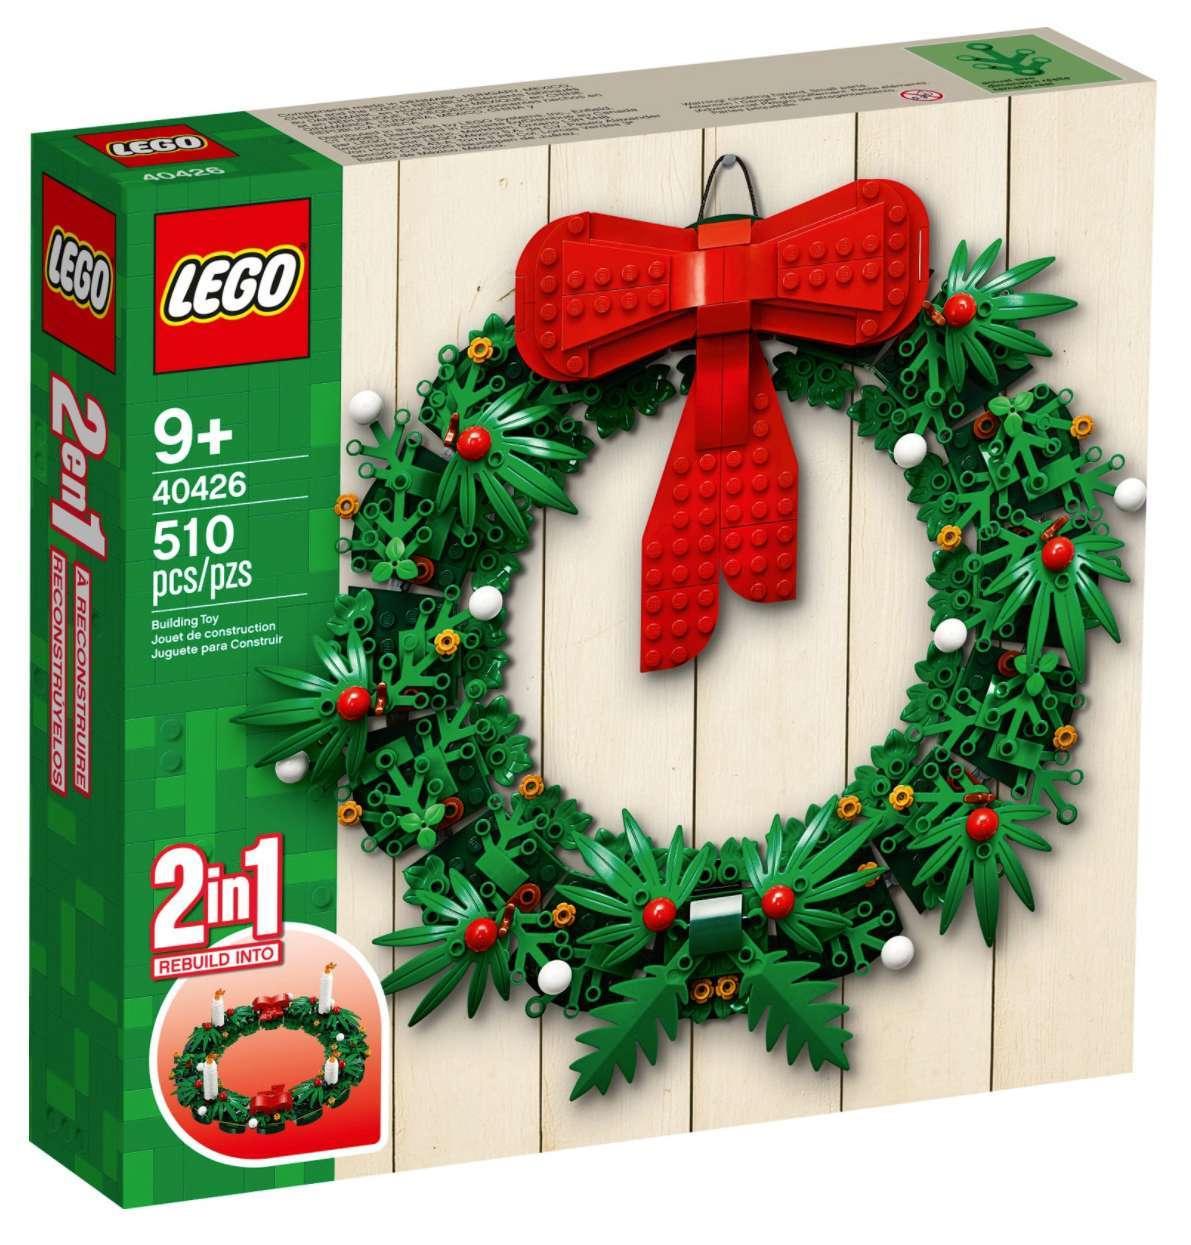 lego-wreath-2